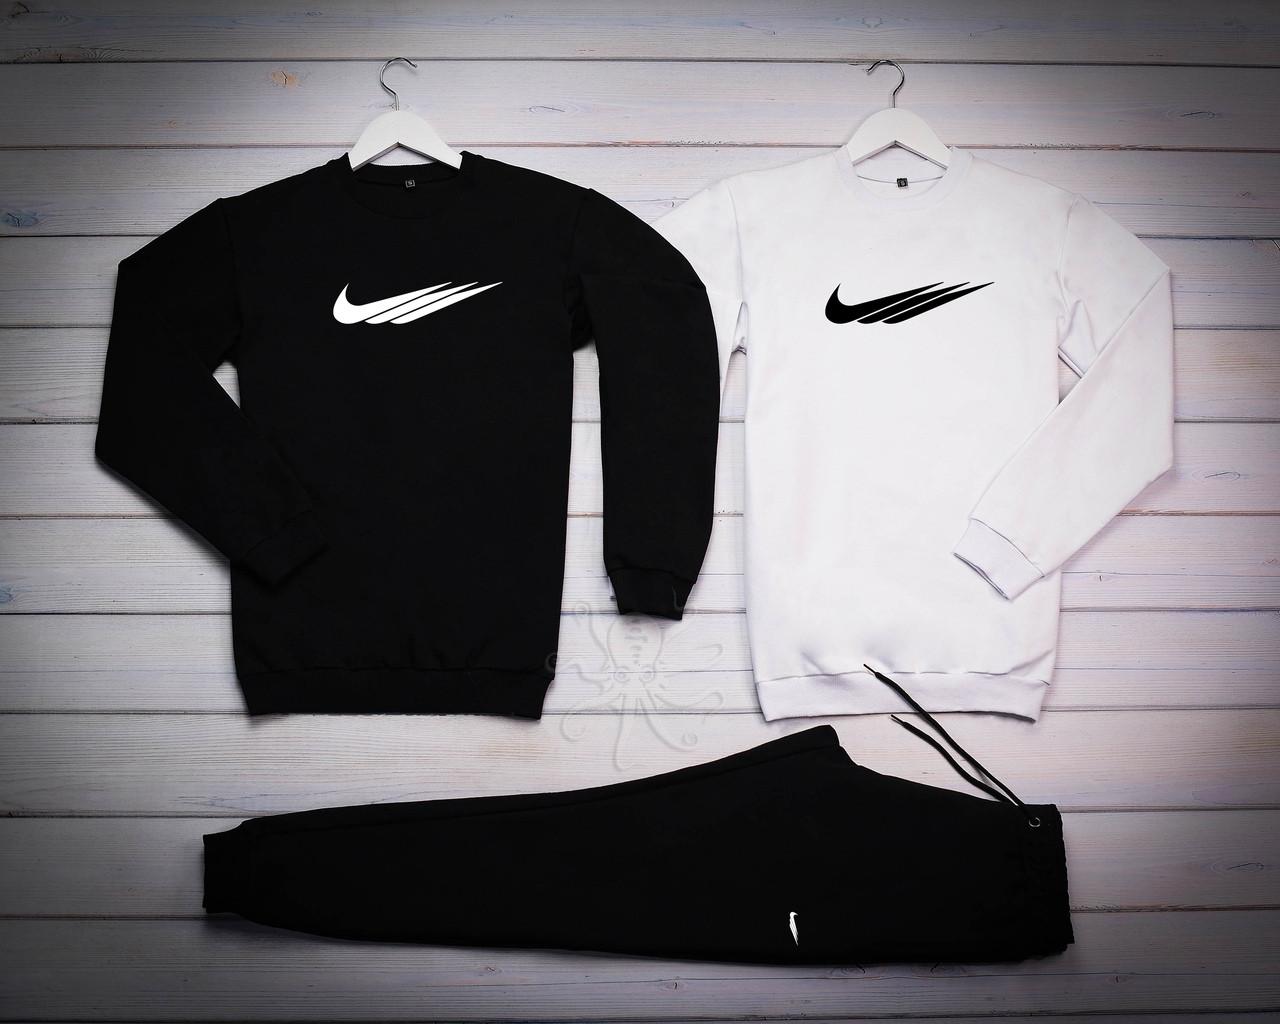 Nike Fri Mужской черный спортивный костюм осень/весна.Nike Свитшот 2шт+штаны. Мужской спорт комплект